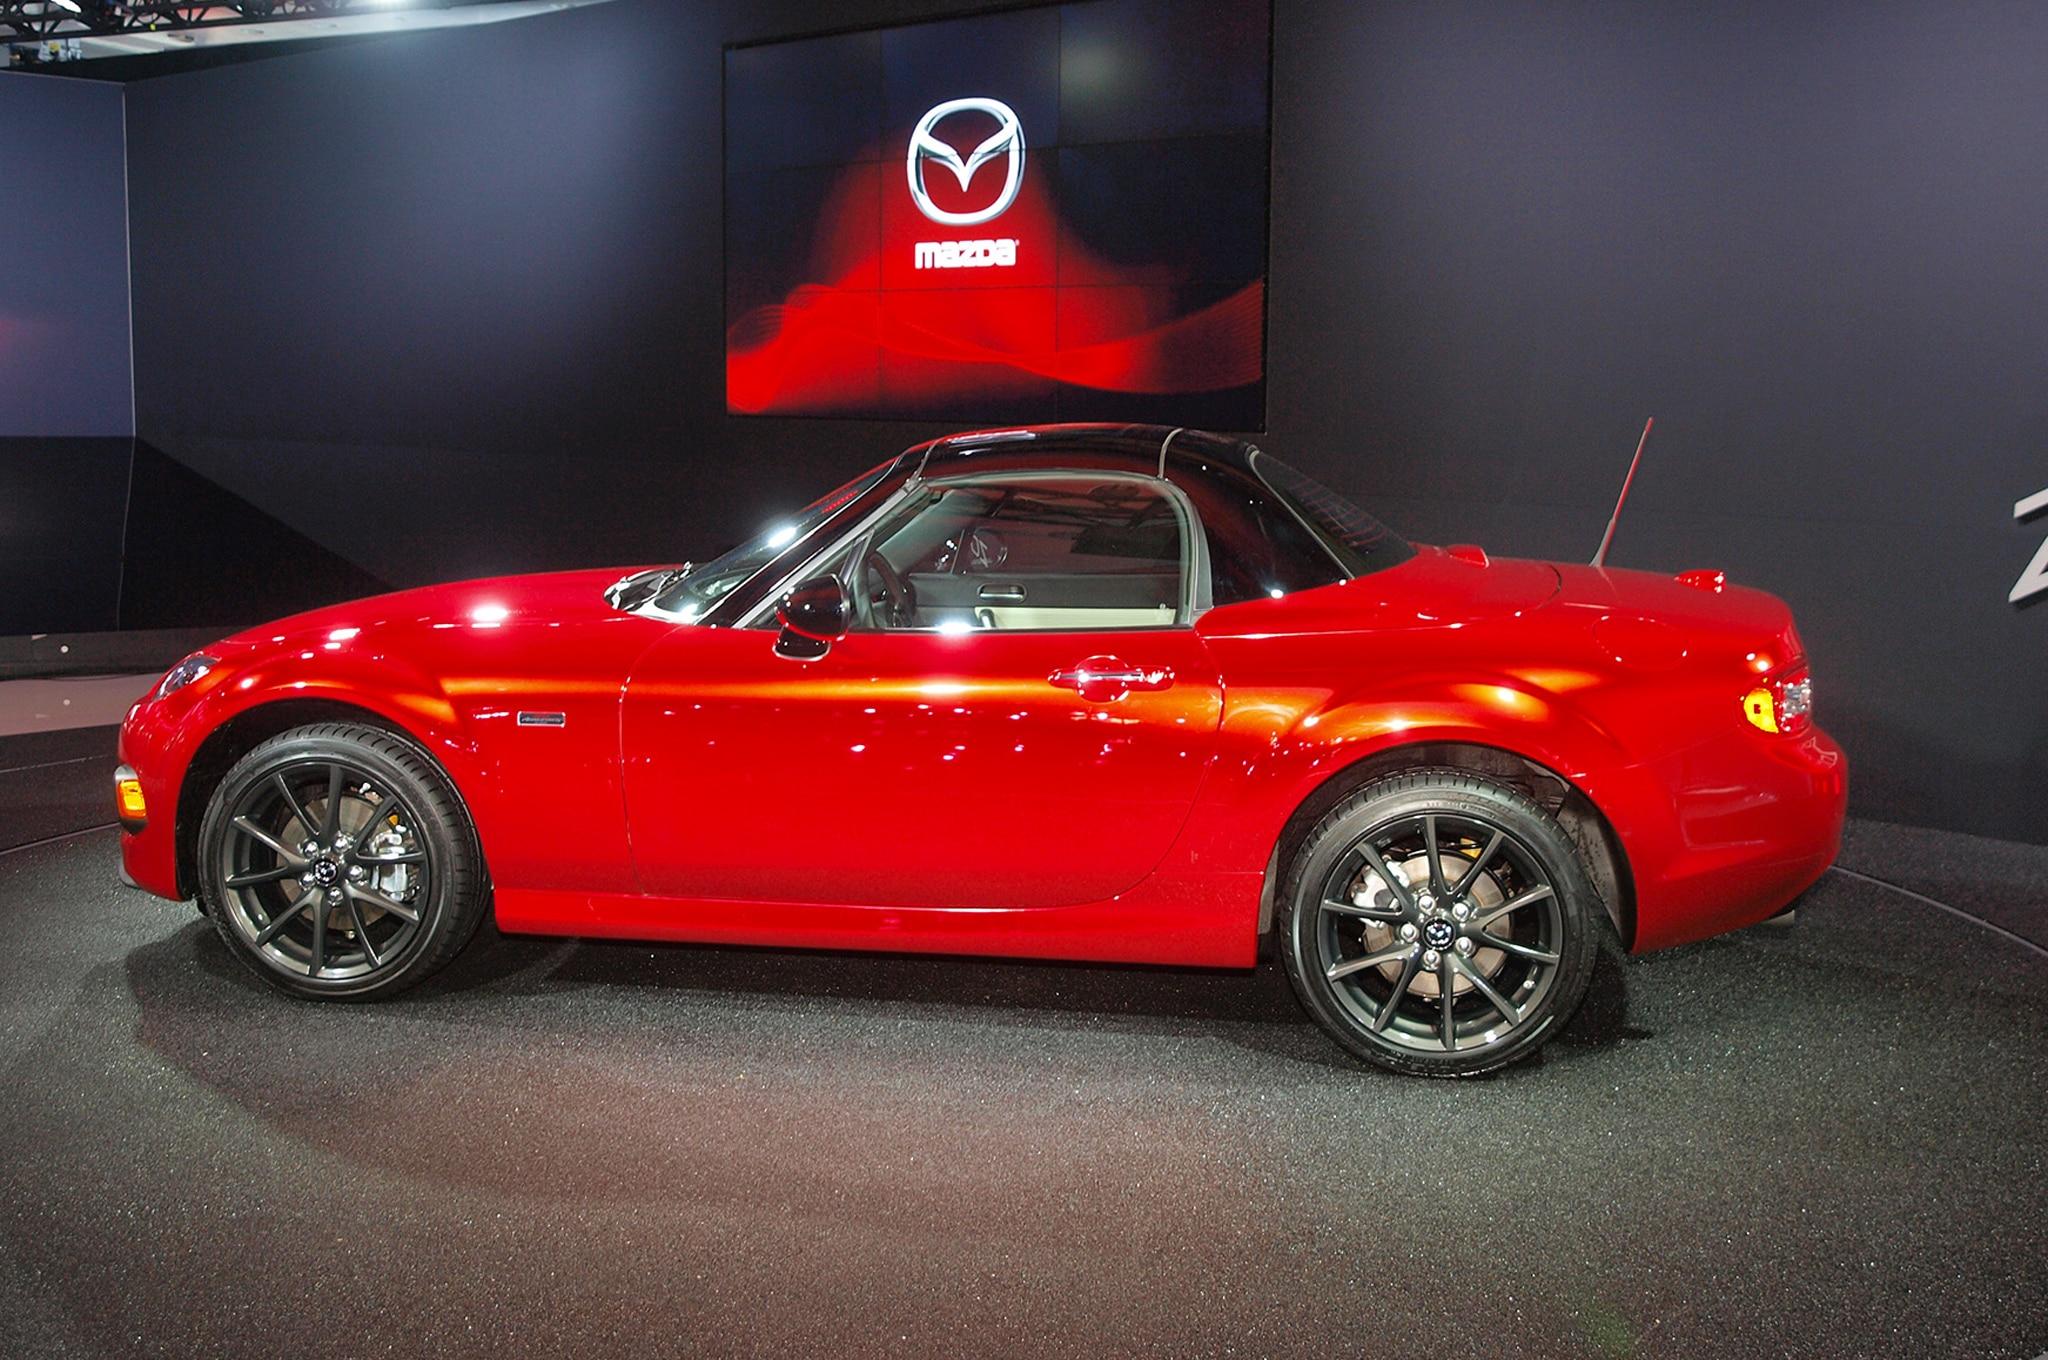 2015 mazda miata 25th anniversary edition costs $33,000 – automobile